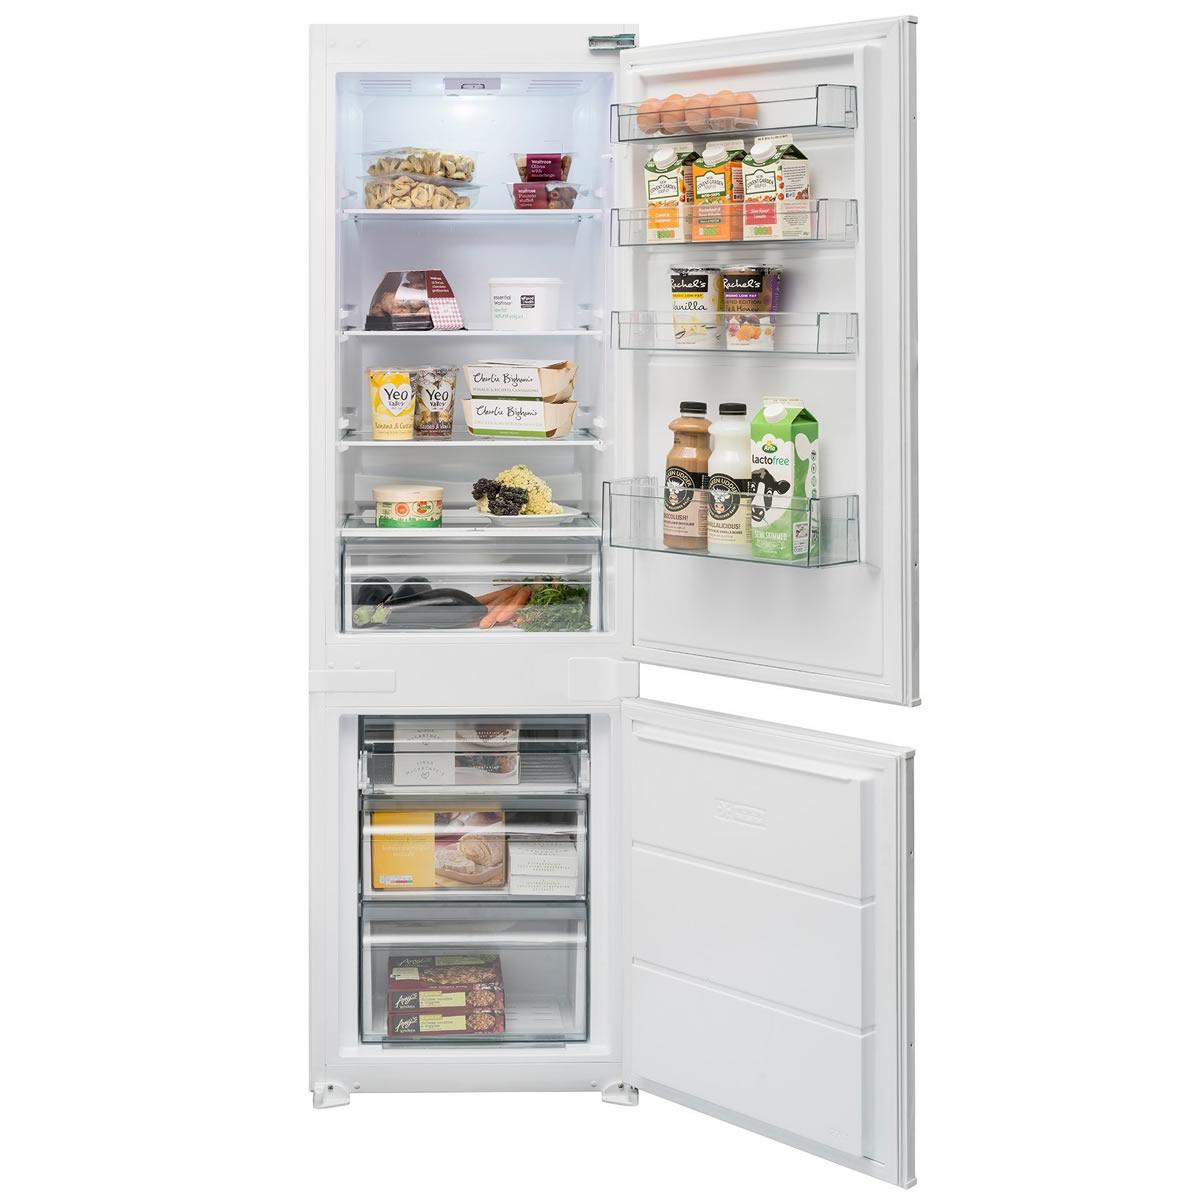 RI7300 256litre Integrated Fridge Freezer Class A+